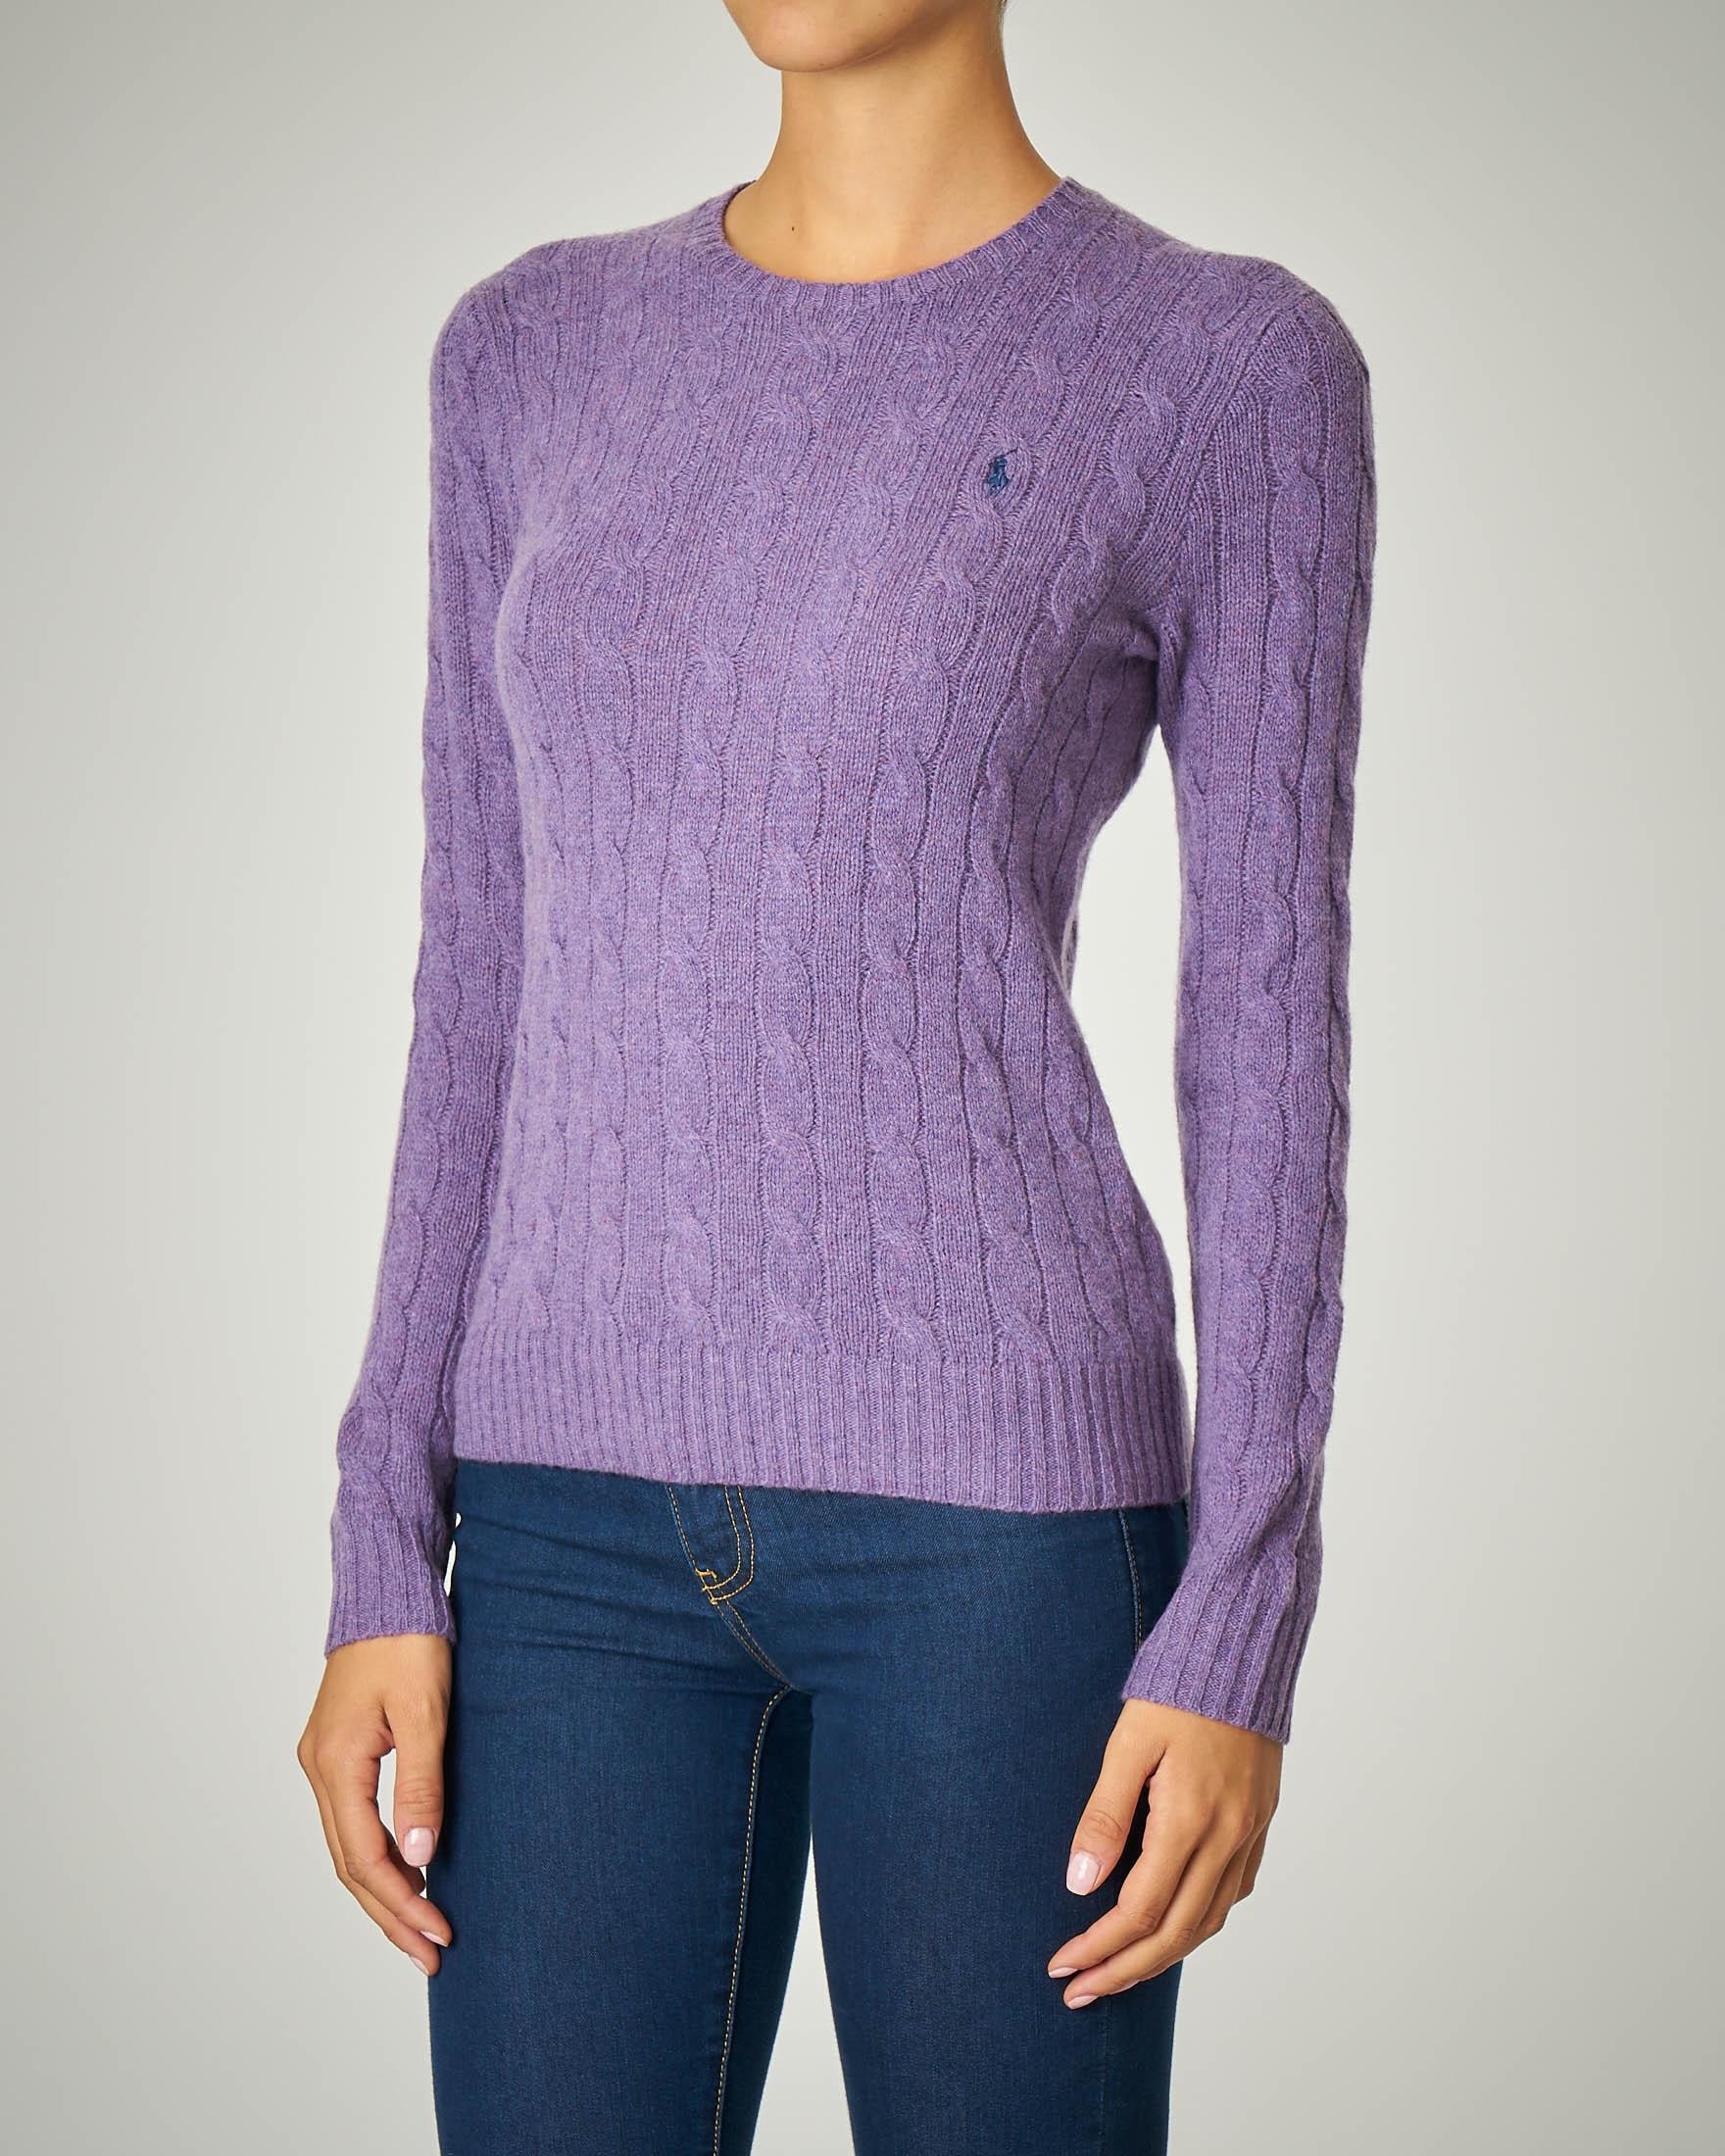 Maglia a trecce in lana color lilla